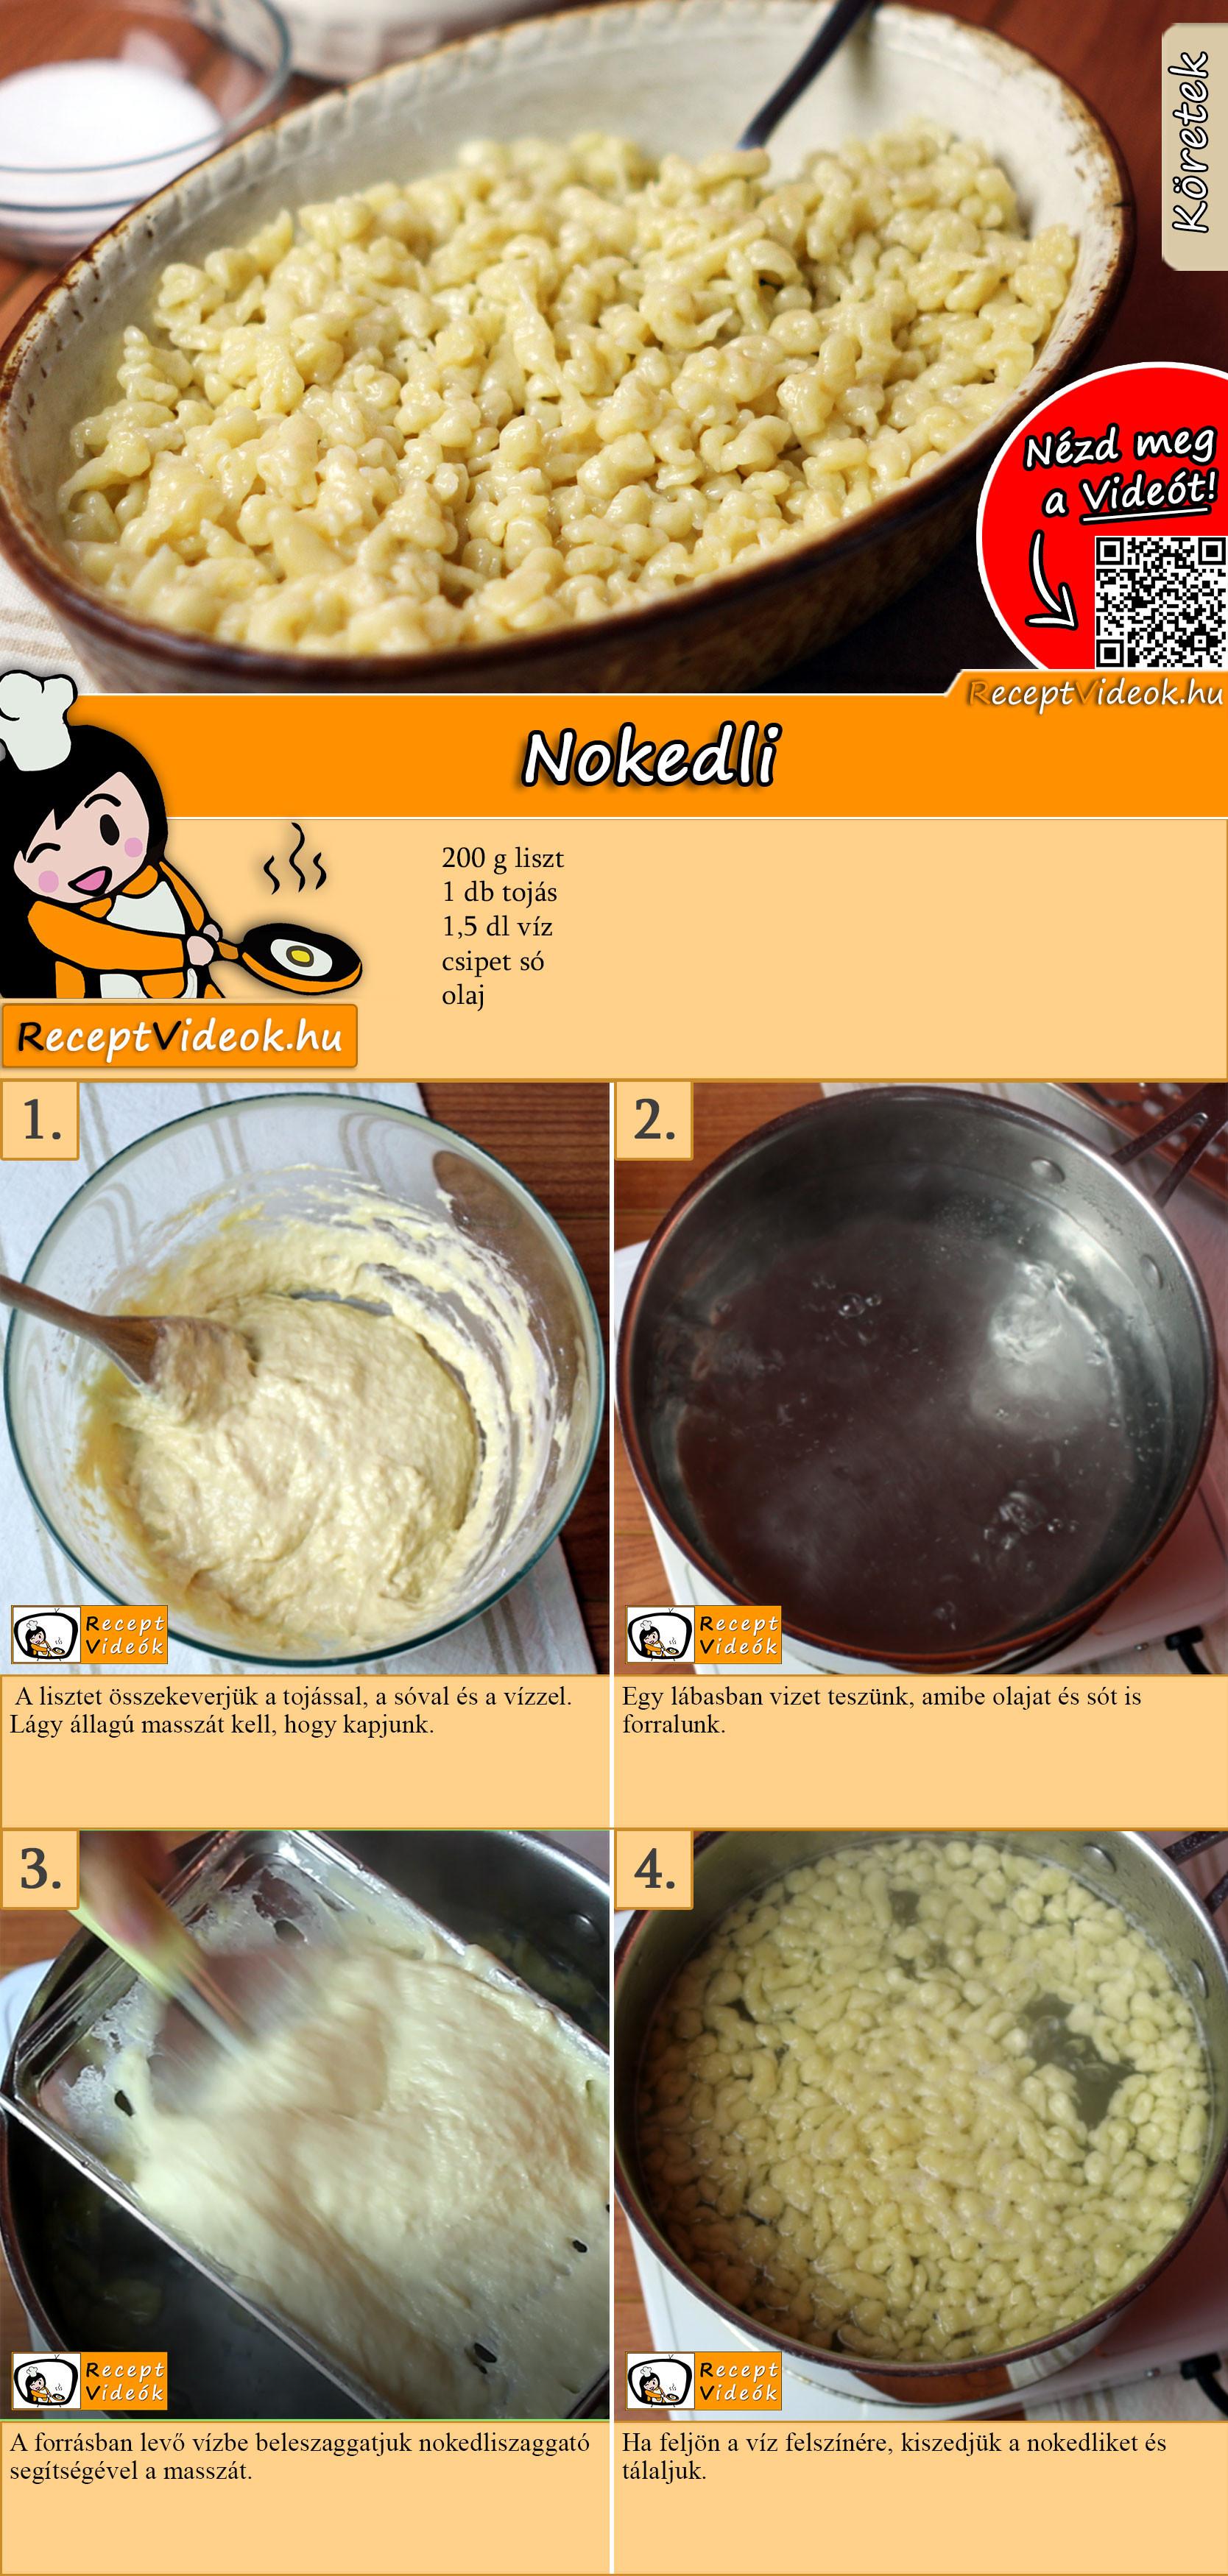 Nokedli recept elkészítése videóval